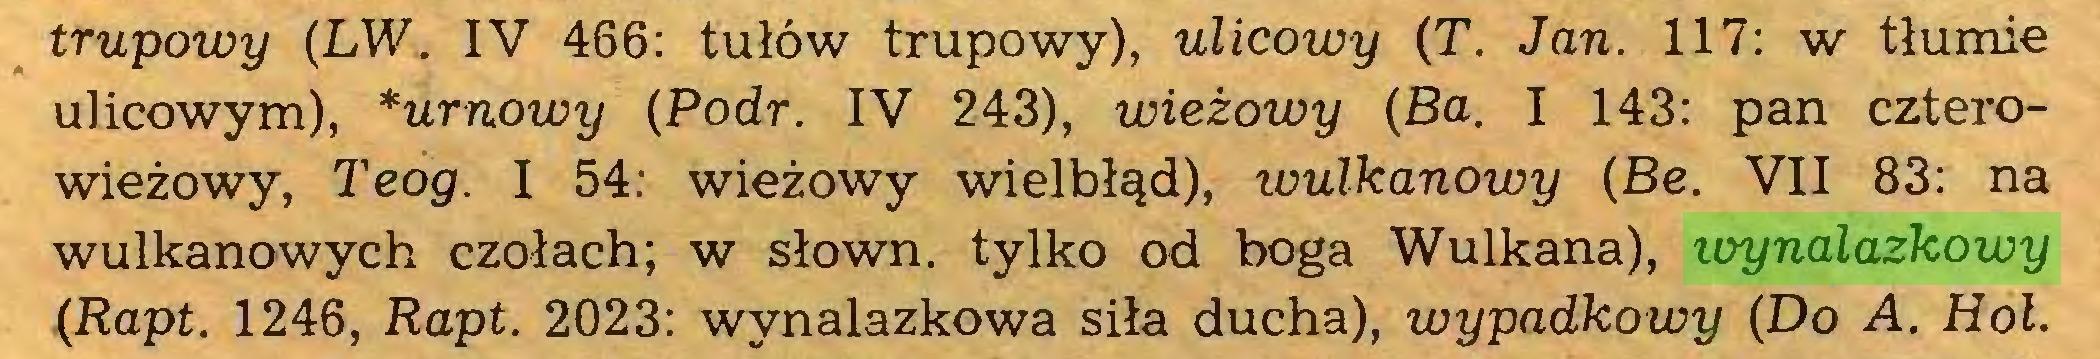 (...) trupowy (LW, IV 466: tułów trupowy), ulicowy (T. Jan. 117: w tłumie ulicowym), *urnowy (Podr. IV 243), wieżowy (Ba. I 143: pan czterowieżowy, Teog. I 54: wieżowy wielbłąd), wulkanowy (Be. VII 83: na wulkanowych czołach; w słown. tylko od boga Wulkana), wynalazkowy (Rapt. 1246, Rapt. 2023: wynalazkowa siła ducha), wypadkowy (Do A. Hol...